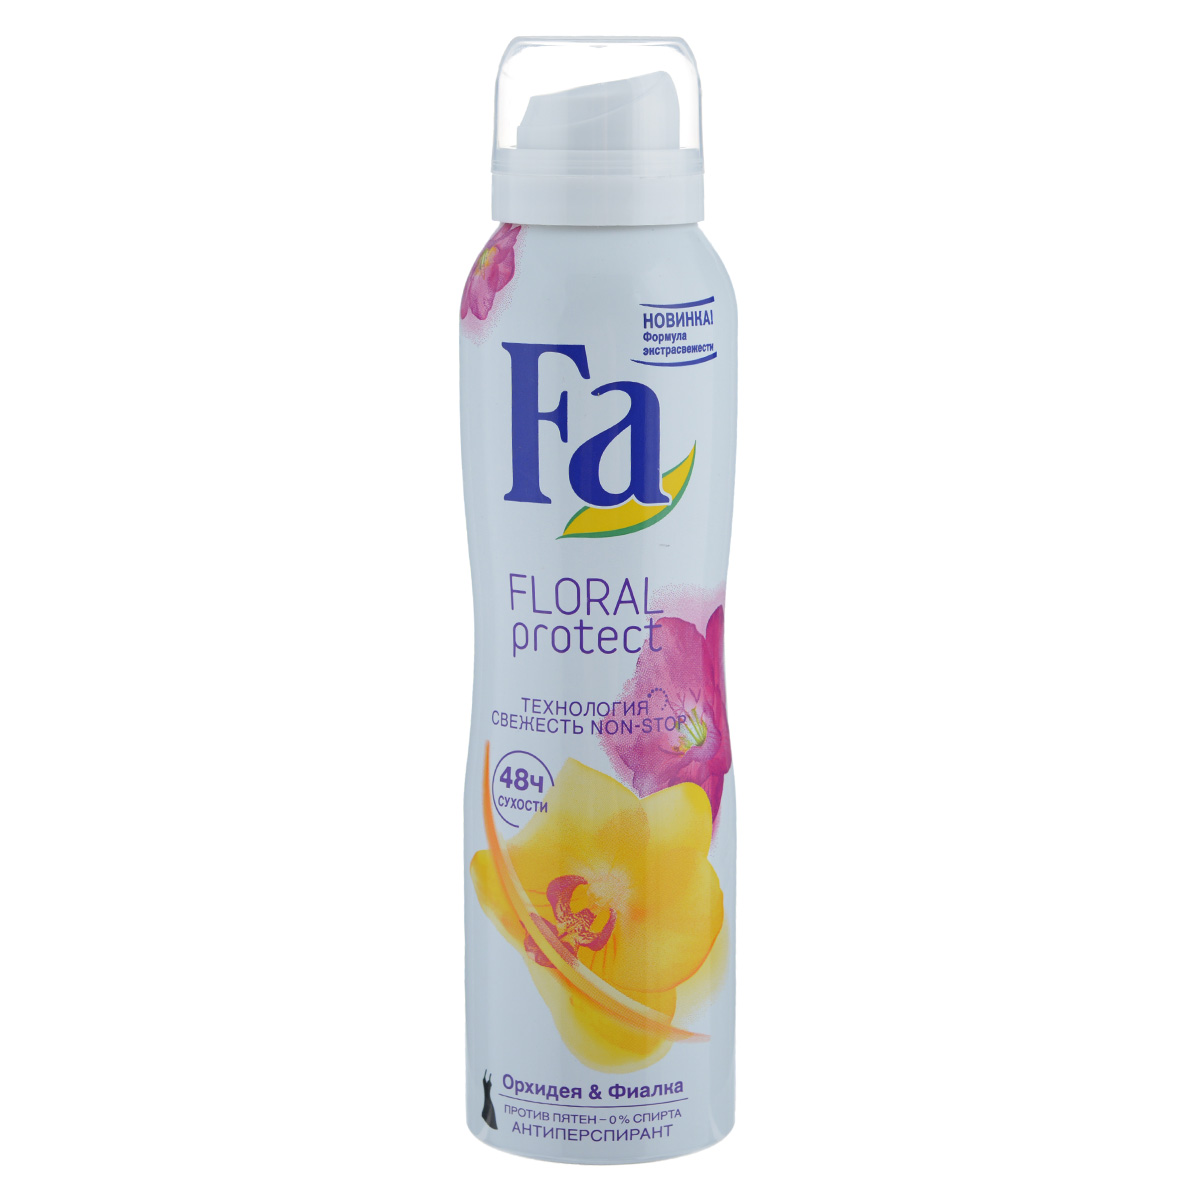 FA Дезодорант-аэрозоль женский Floral Protect Орхидея & Фиалка, 150 мл120838056Откройте для себя парфюмерную революцию в дезодорантах!надежная део-защита и раскрытие аромата орхидеи и фиалки на протяжении всего дня. - Эффективная защита против пота и запаха- Ощущение свежести в течение всего дня- Защита против пятен- Хорошая переносимость кожей - Протестировано дерматологами